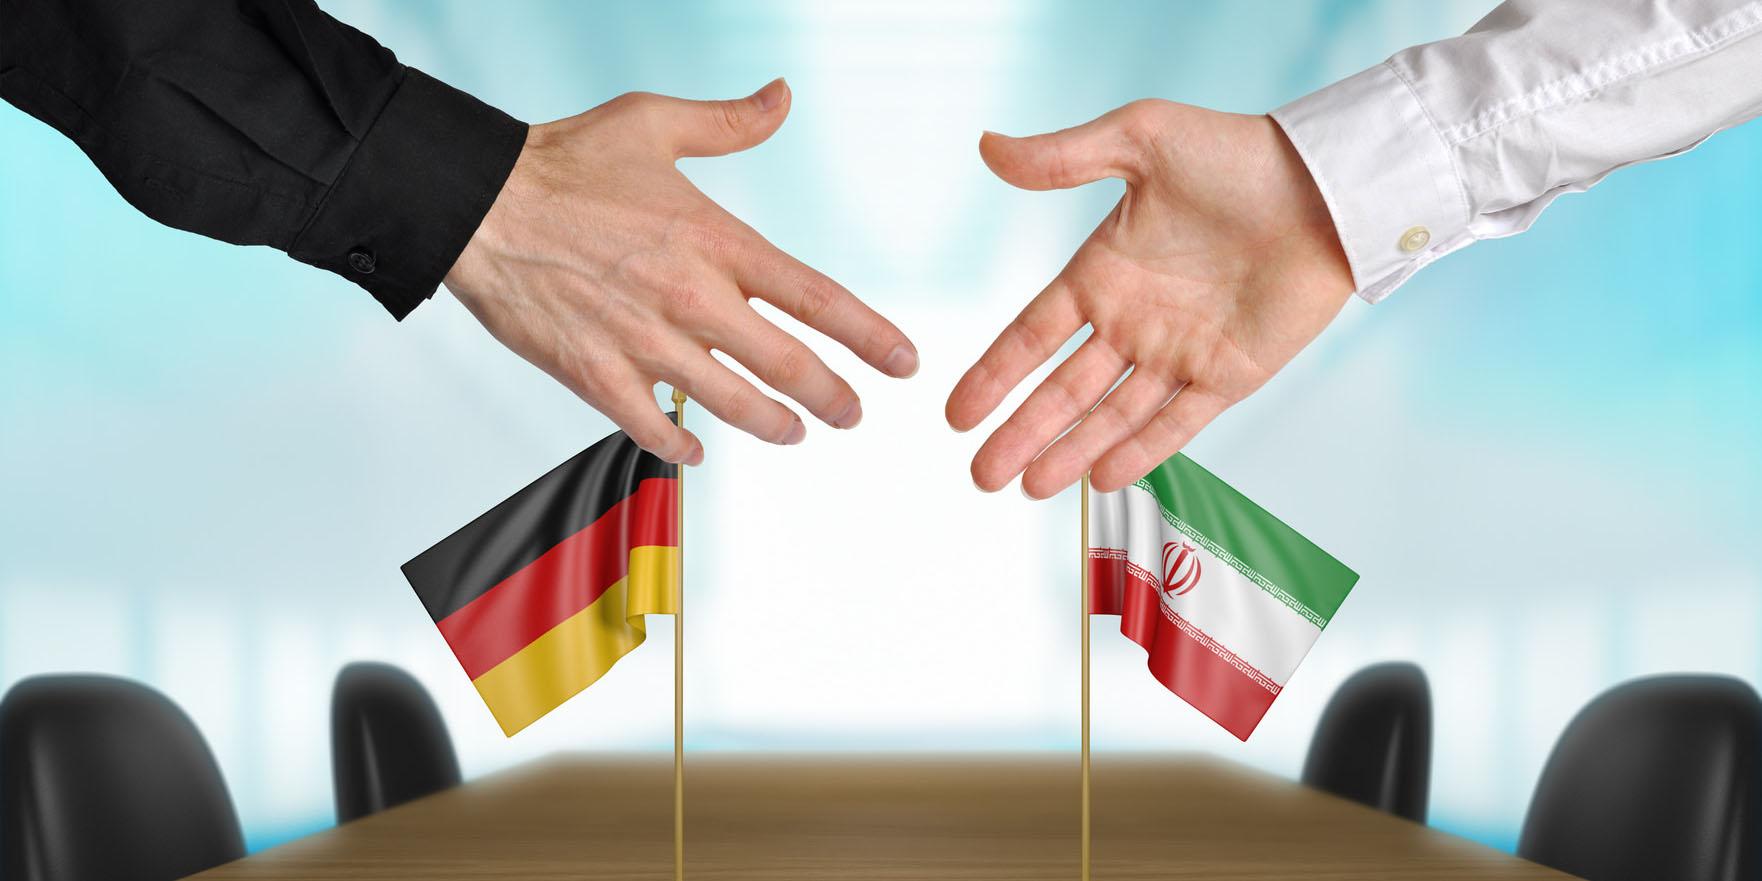 ماشینآلات آلمانی در راه ایران/ واردات محصولات تکنولوژیک به رونق تولید کمک میکند؟